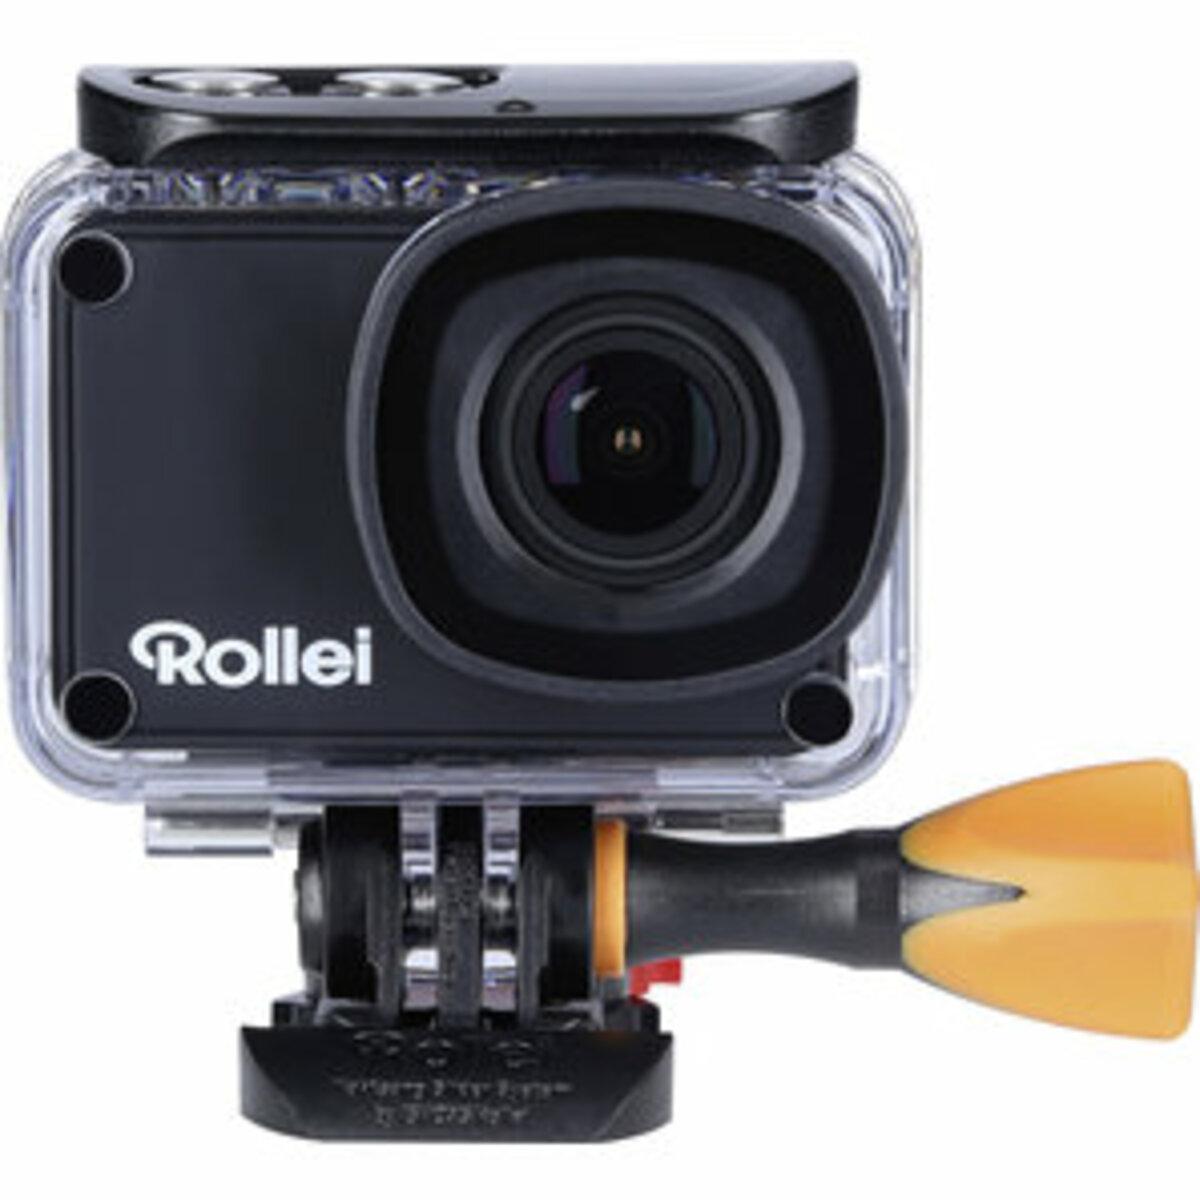 Bild 1 von Rollei 560 Touch Action-        Kamera